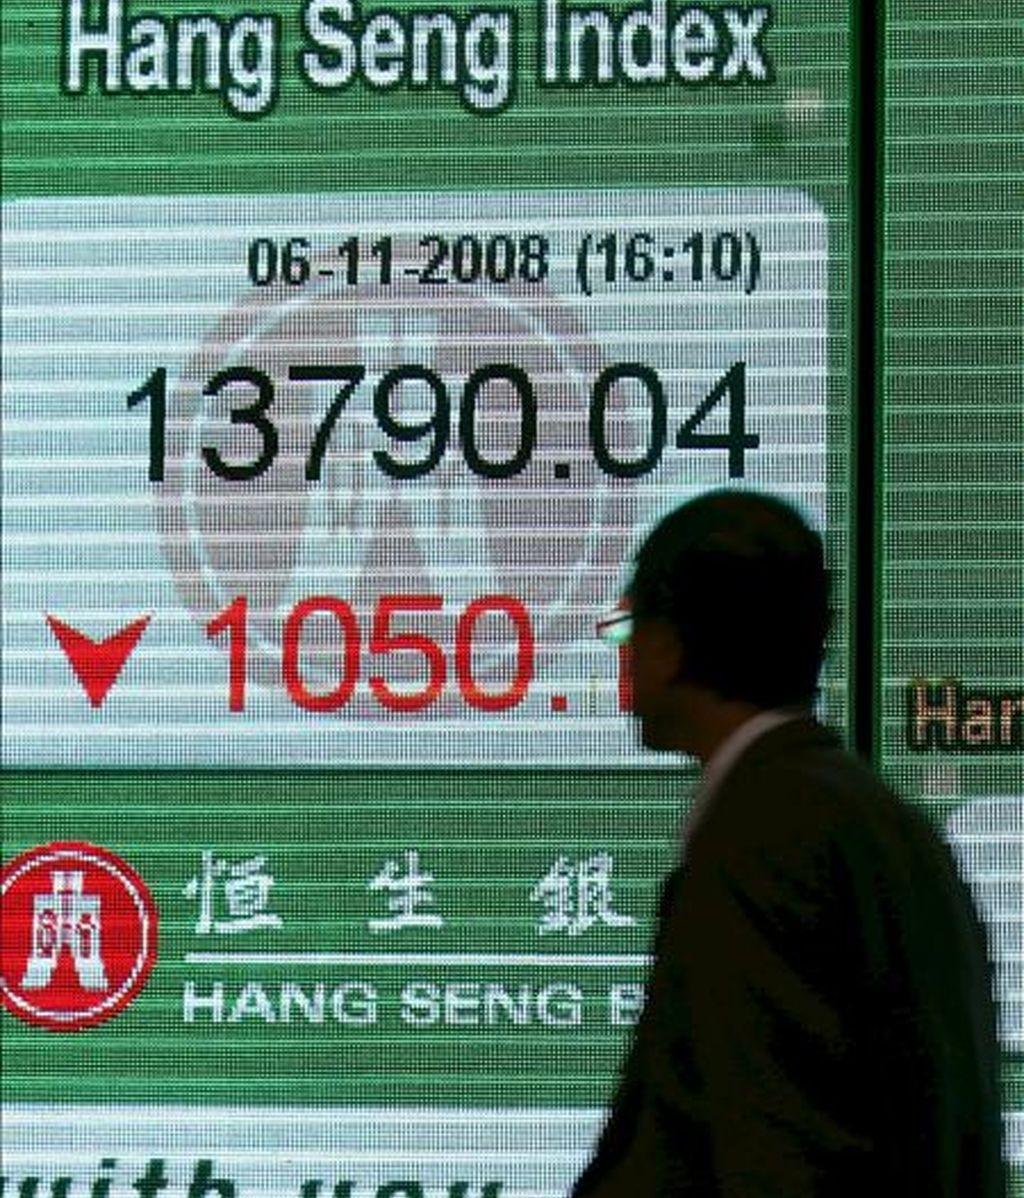 Un hombre observa un tablero electrónico con el índice Hang Seng de la Bolsa de Hong Kong. EFE/Archivo